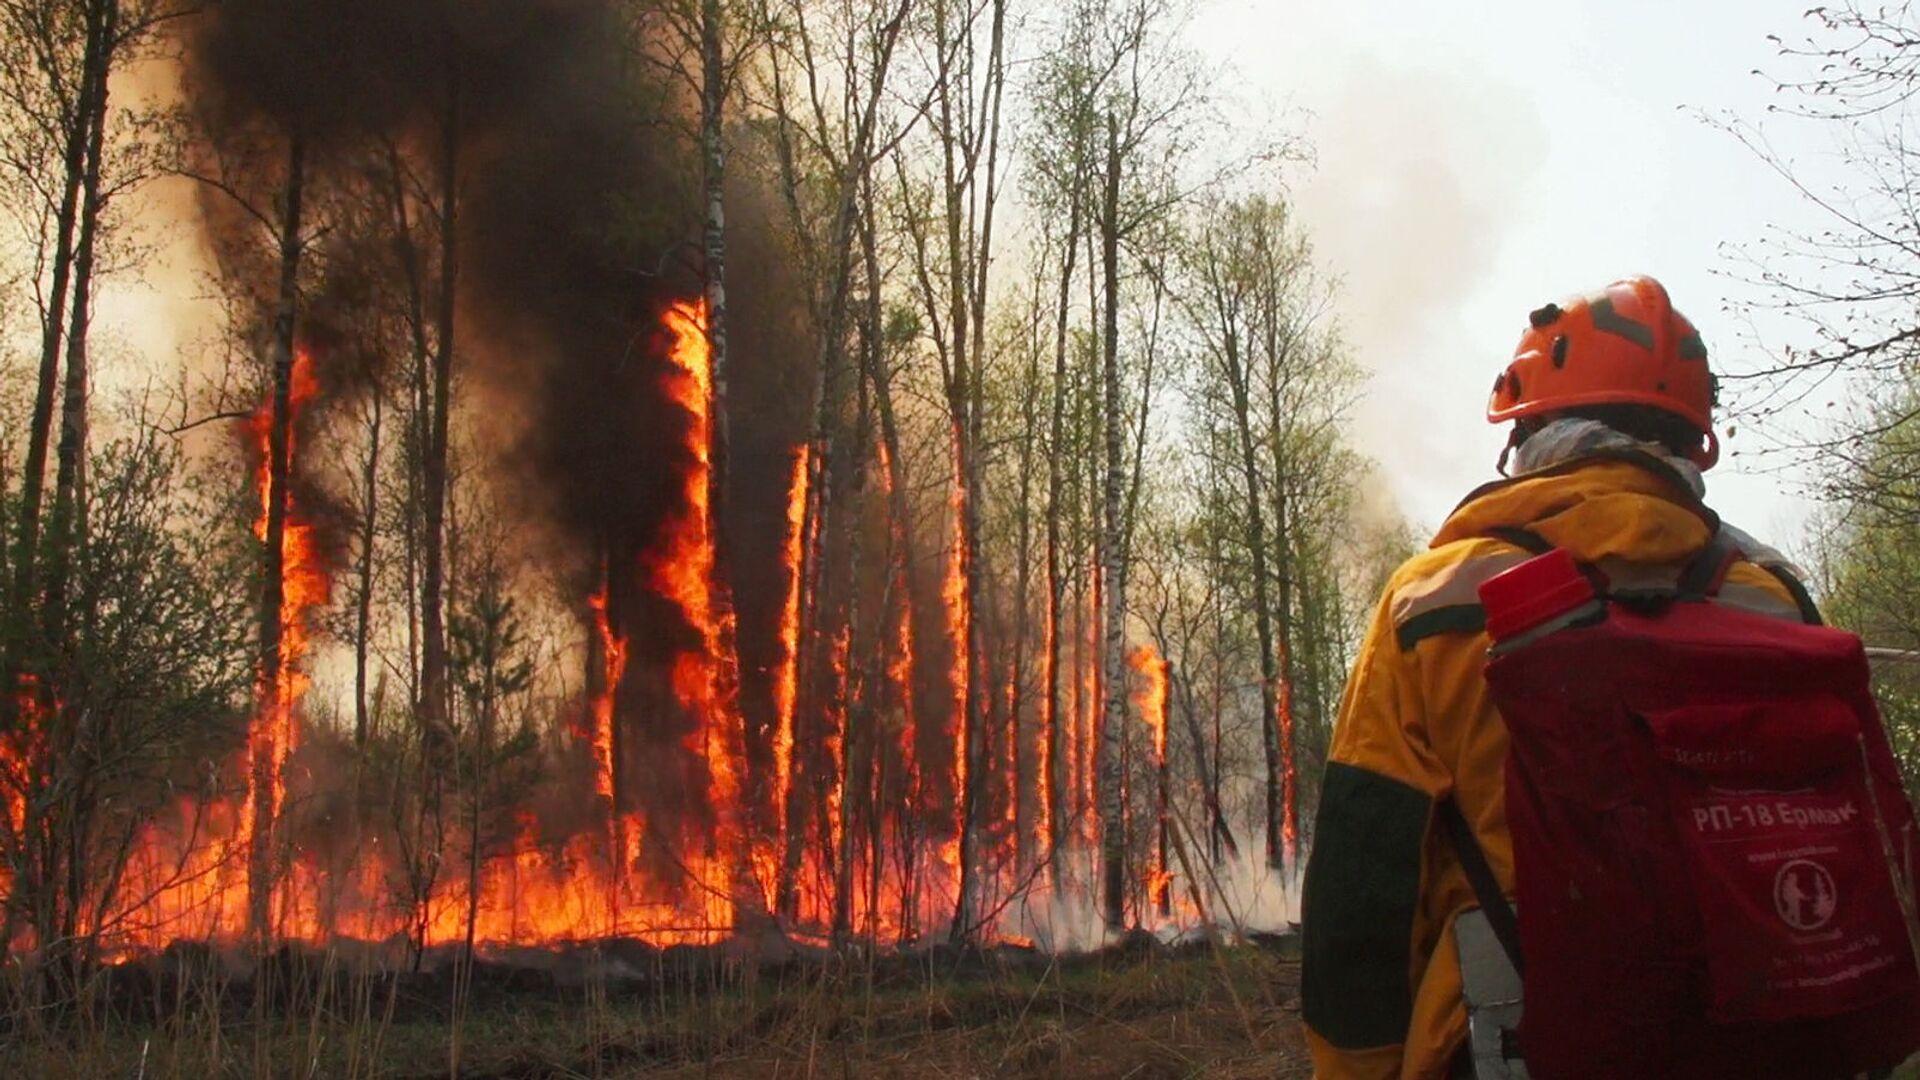 Yakutistan'da acil durum ilan edildi: Orman yangınları yerleşim yerlerine sıçradı - Sputnik Türkiye, 1920, 09.08.2021